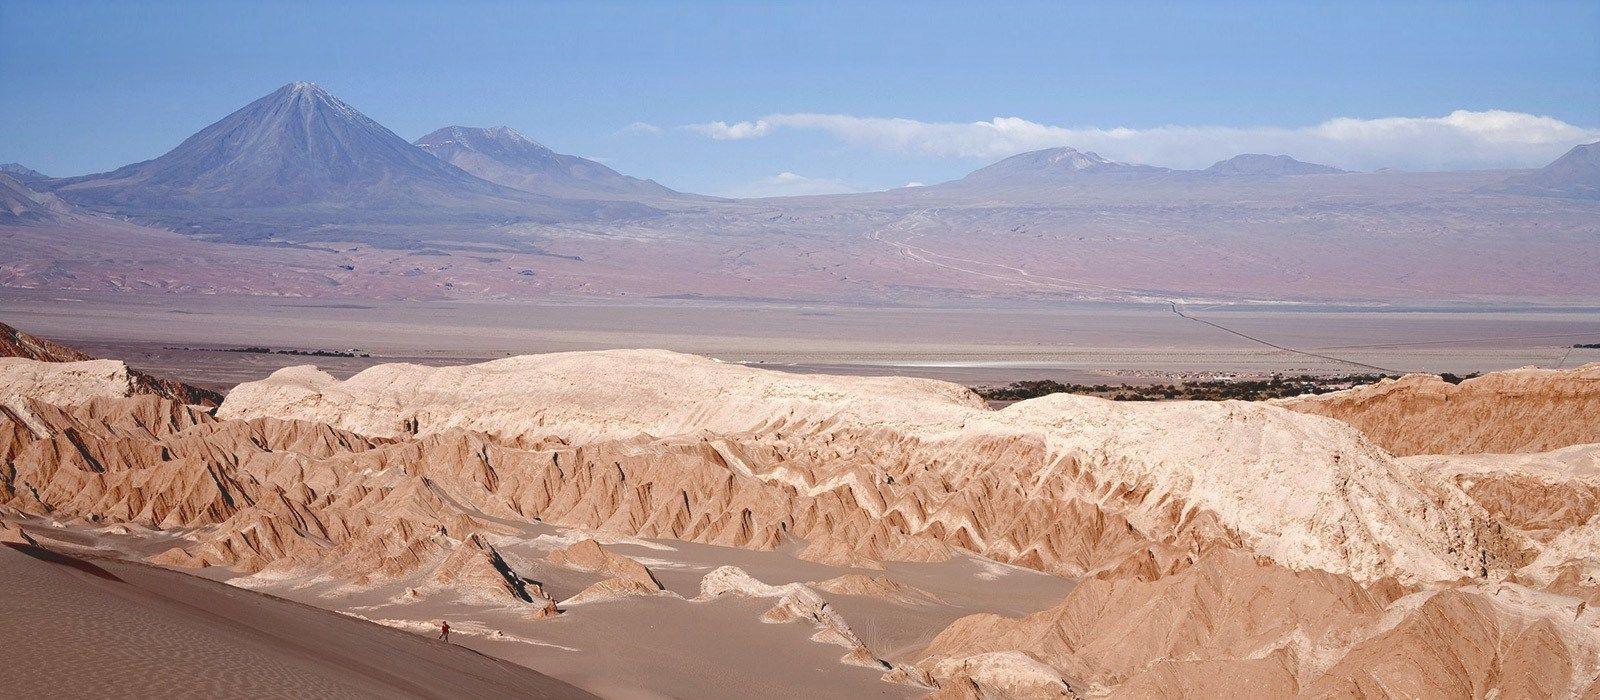 Südamerika Rundreise: Die Schönheit des Subkontinents Urlaub 2